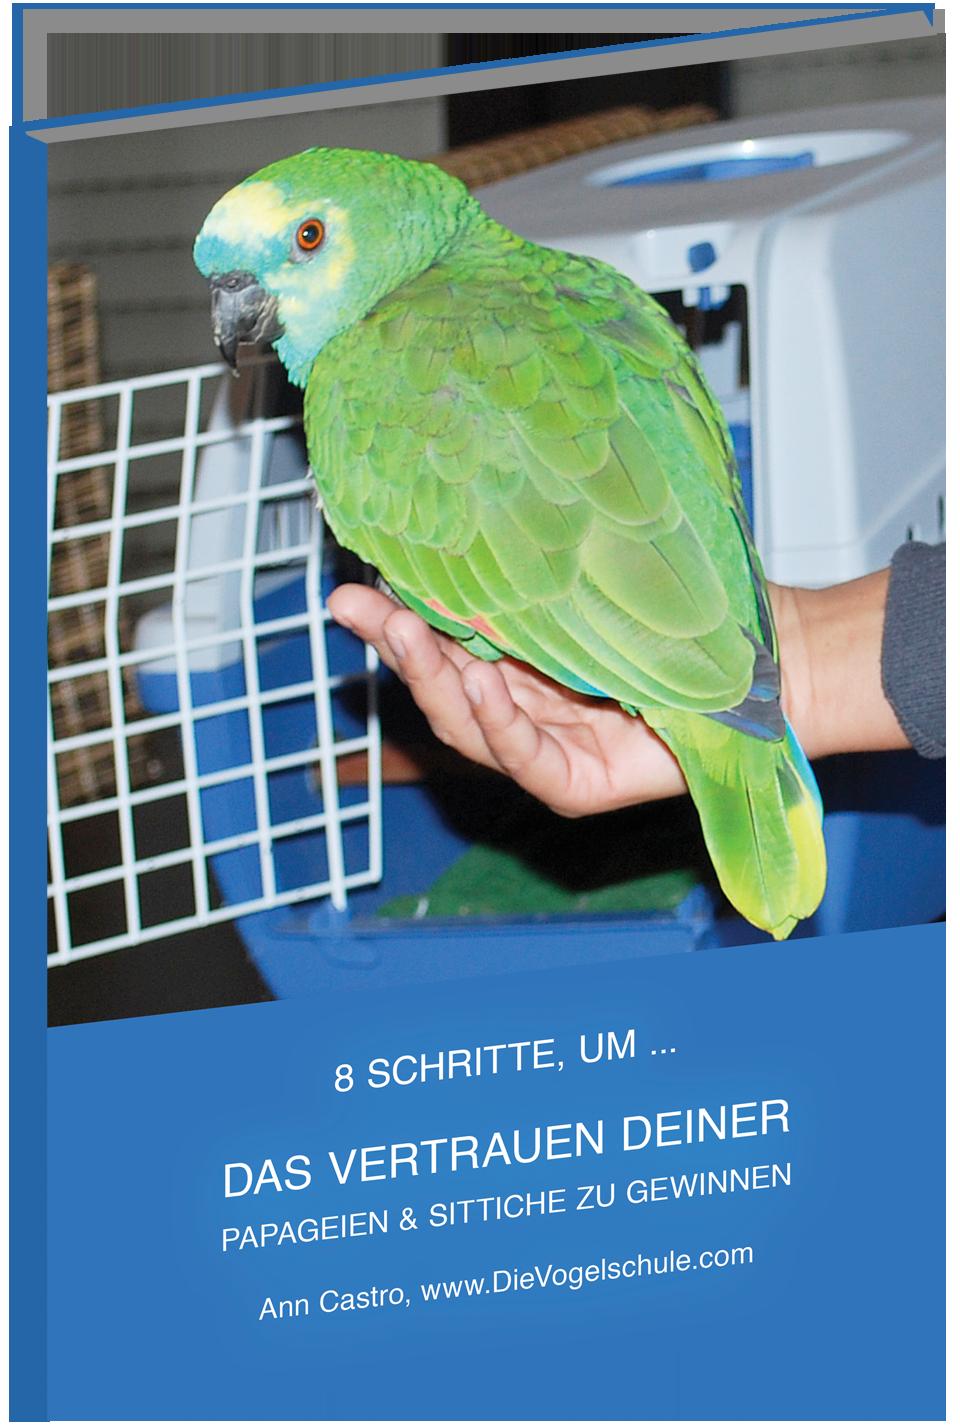 8 Schritte, um das Vertrauen deiner Papageien & Sittiche zu gewinnen - cover